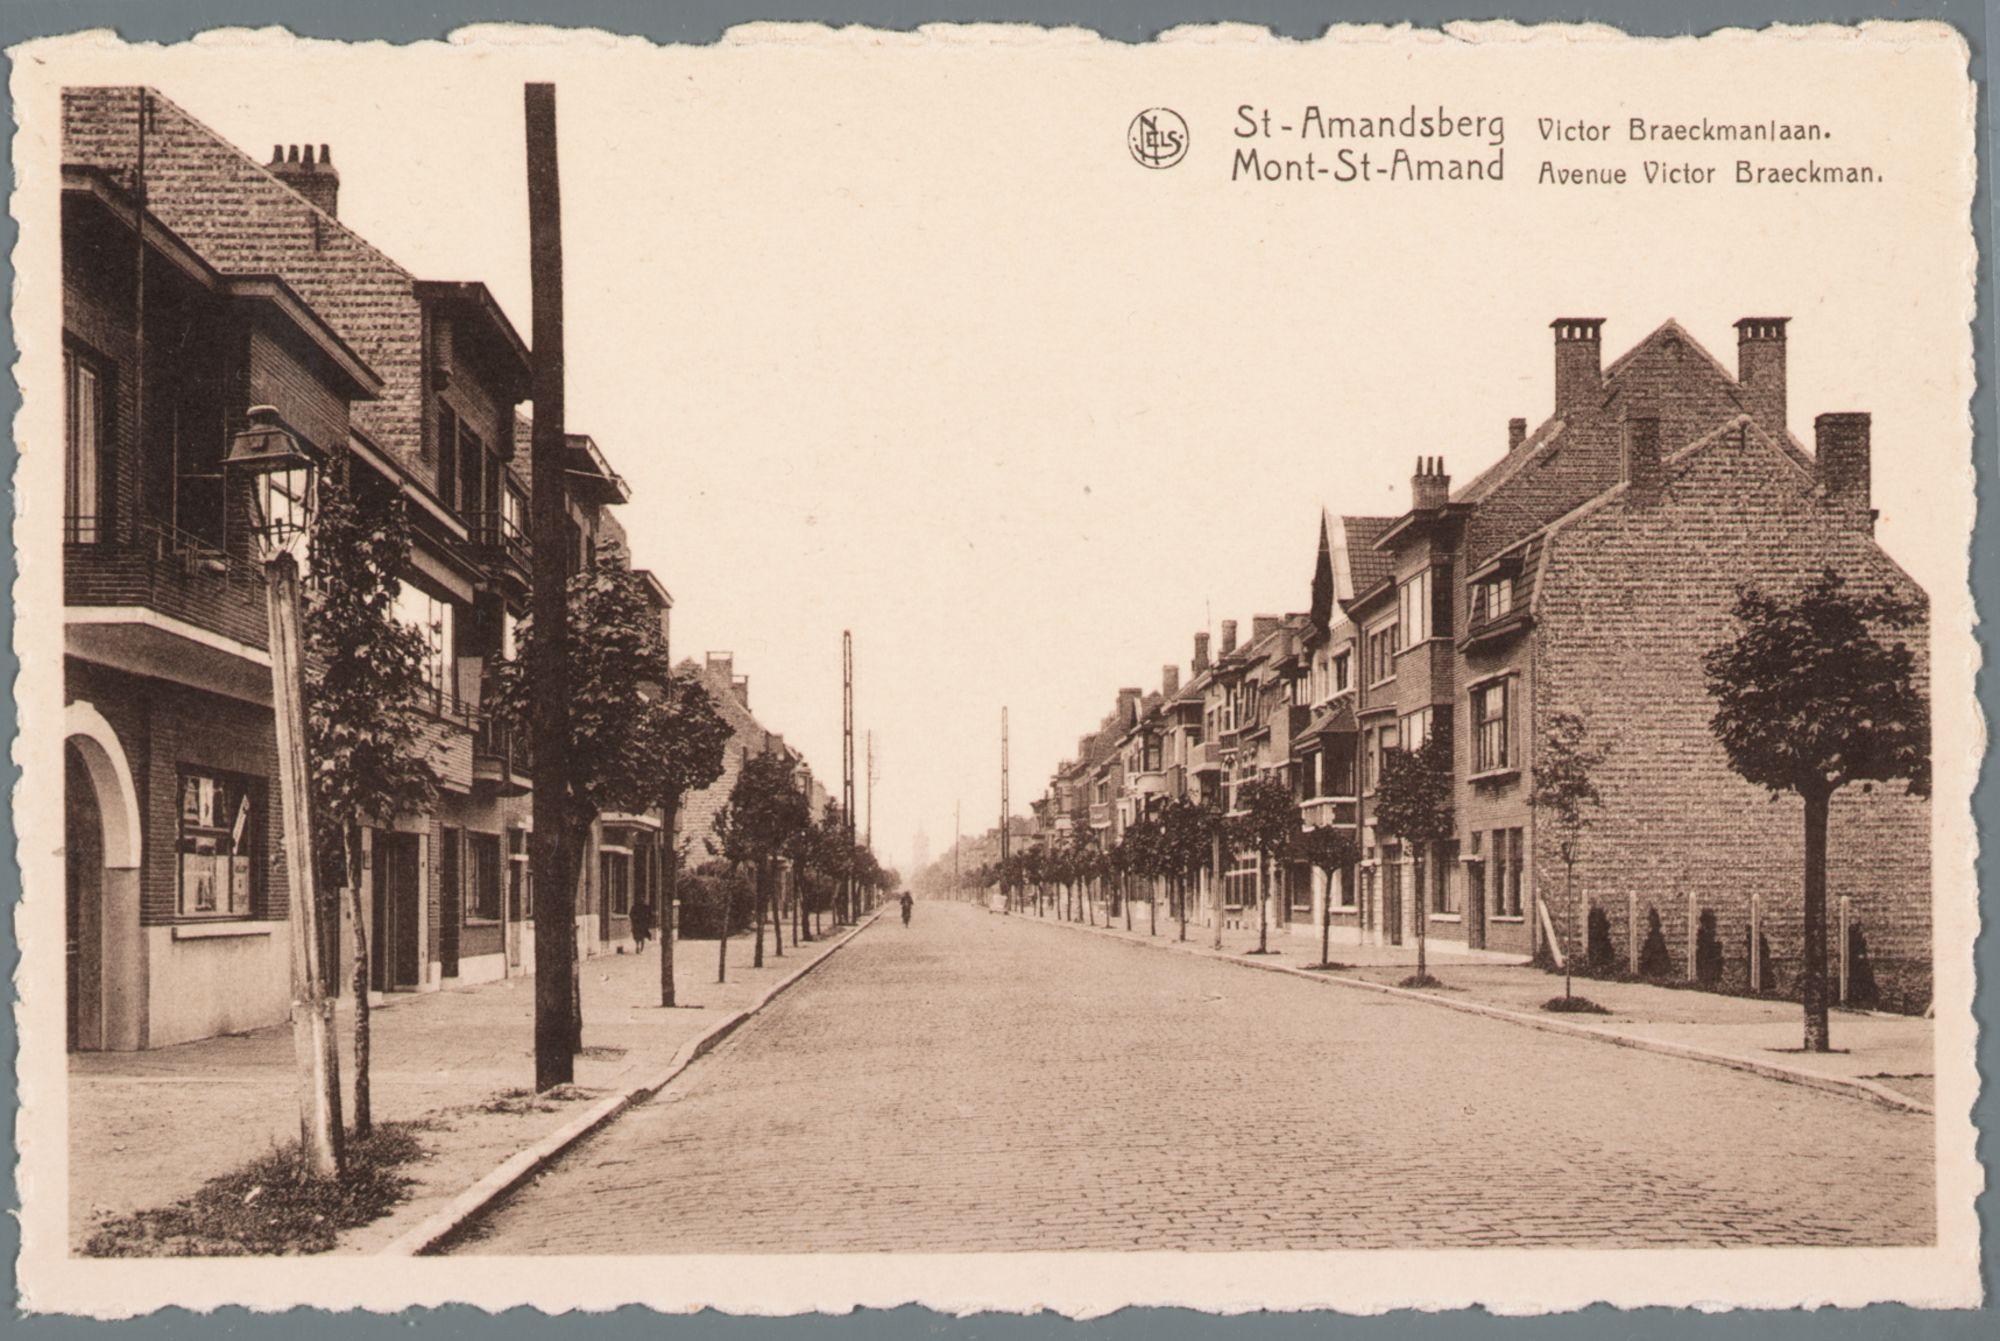 Sint-Amandsberg: Victor Braeckmanlaan